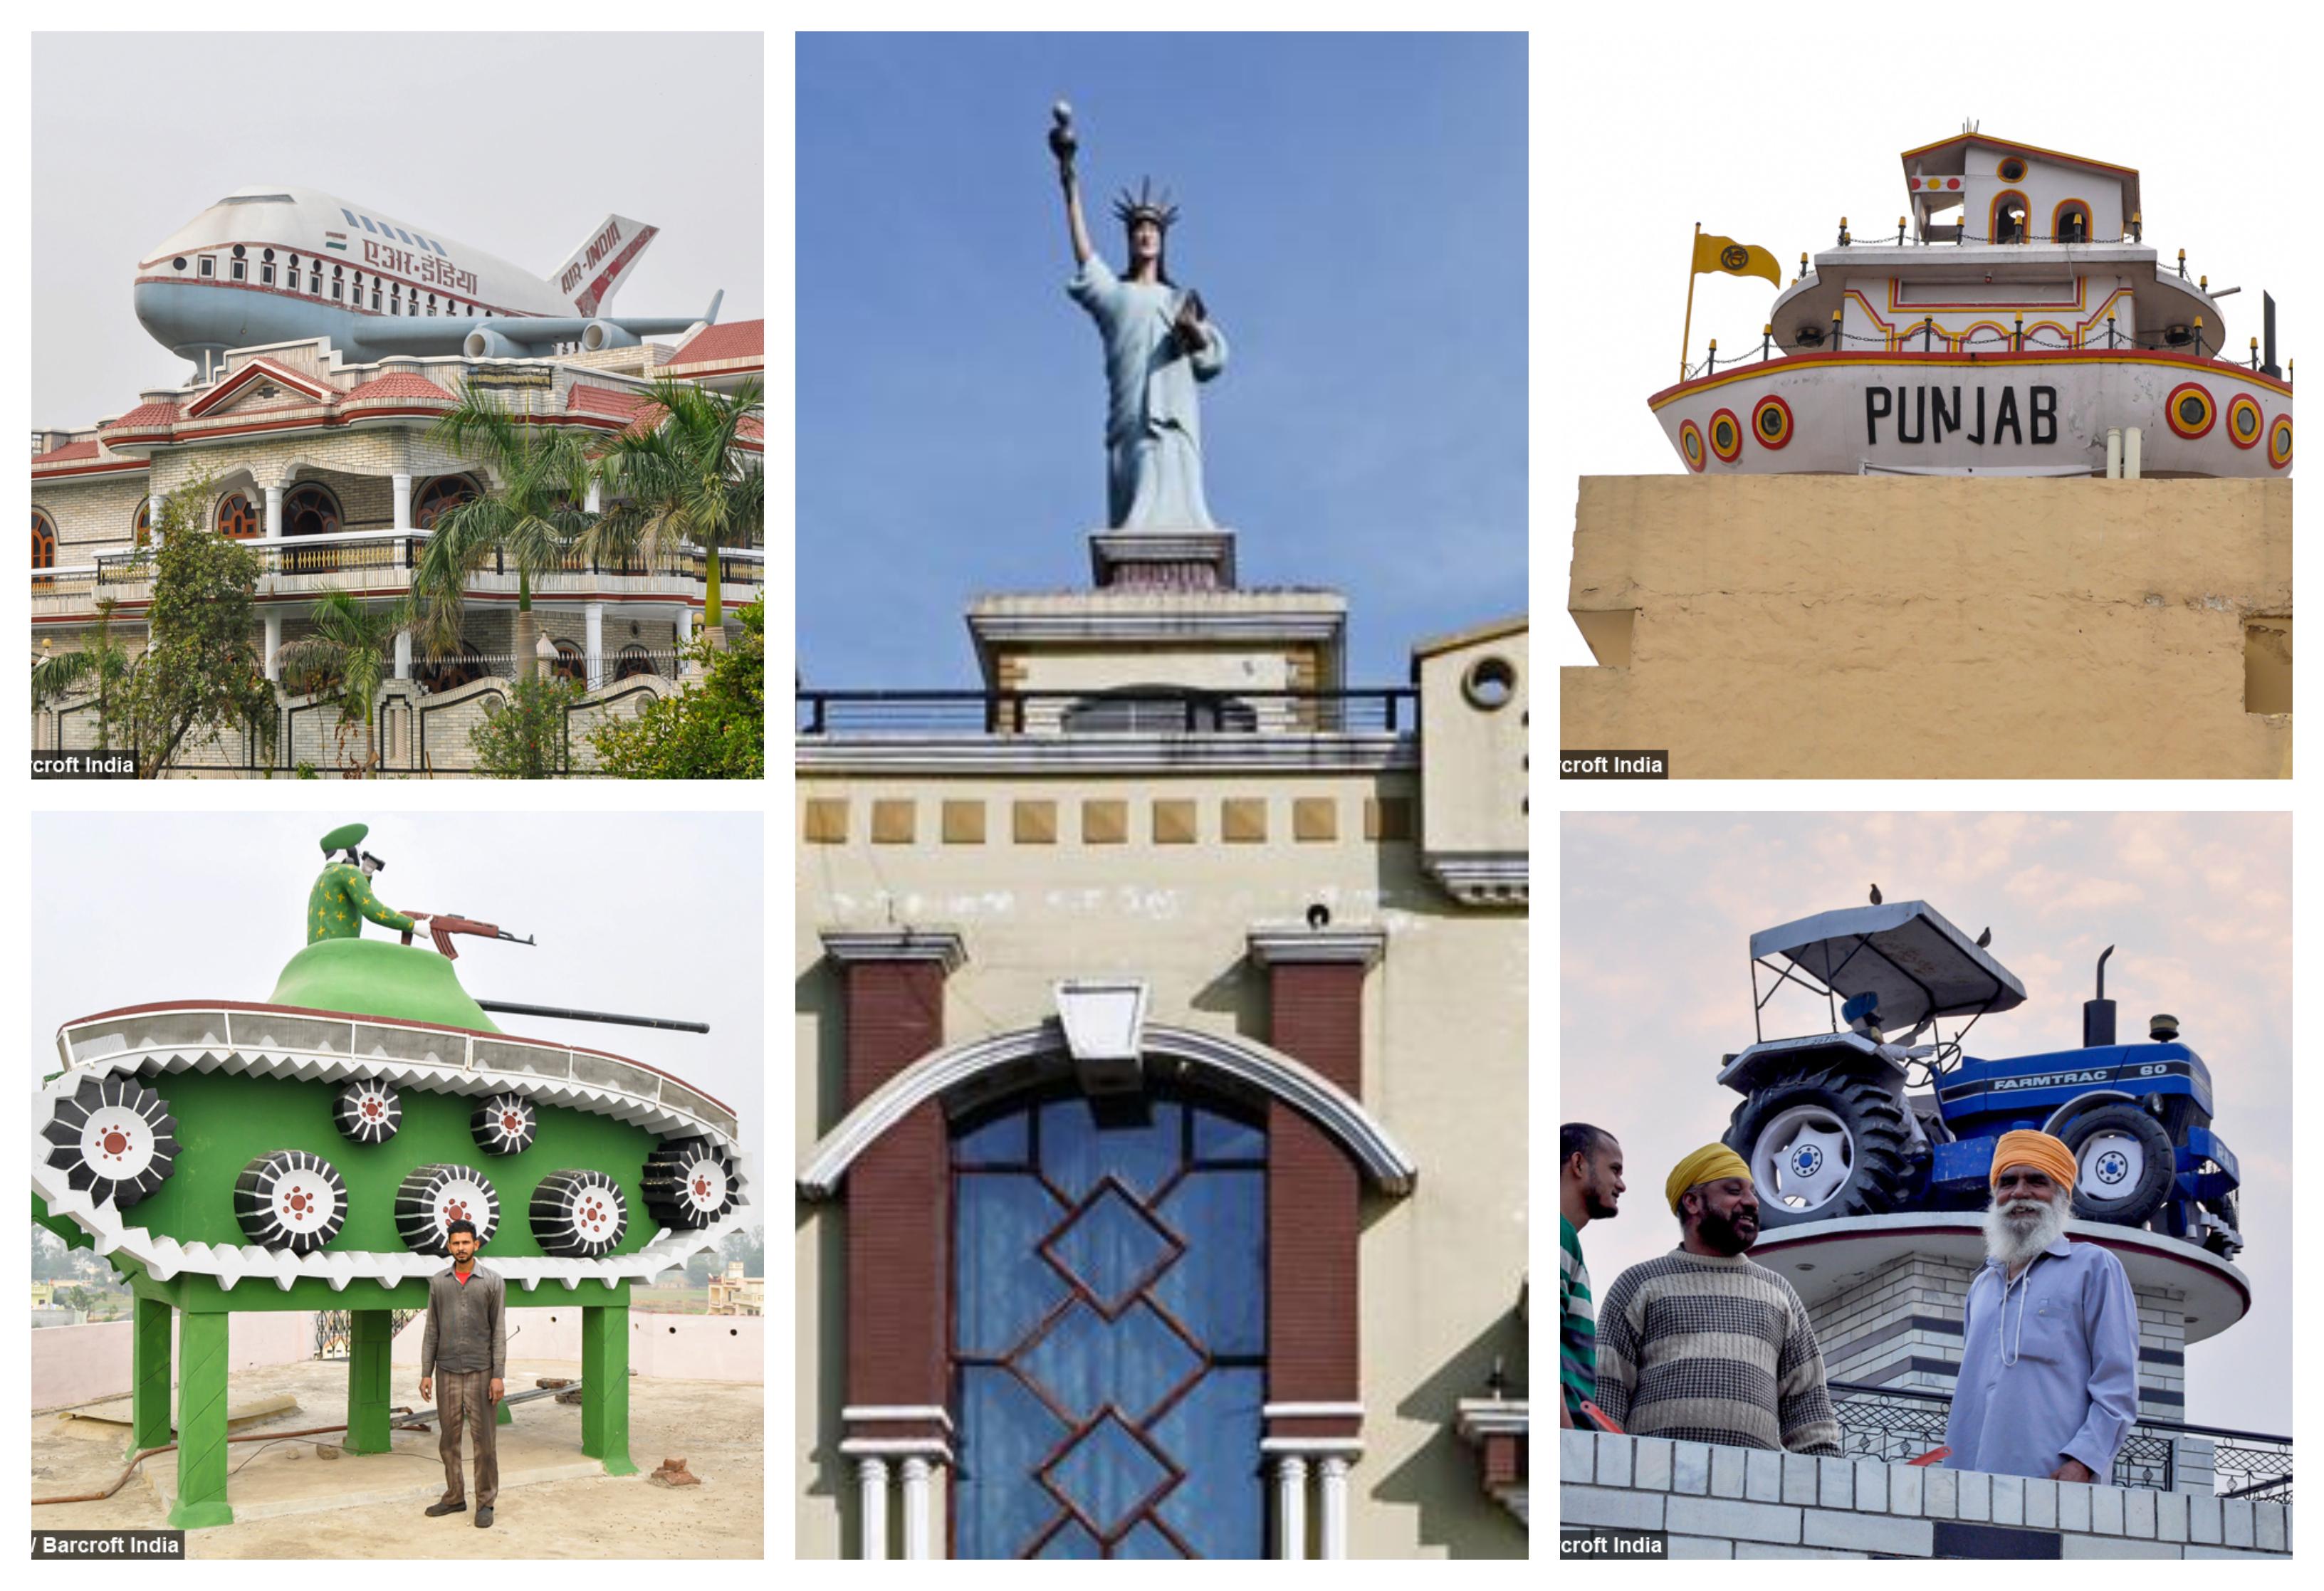 Water Tank Designs in Punjab